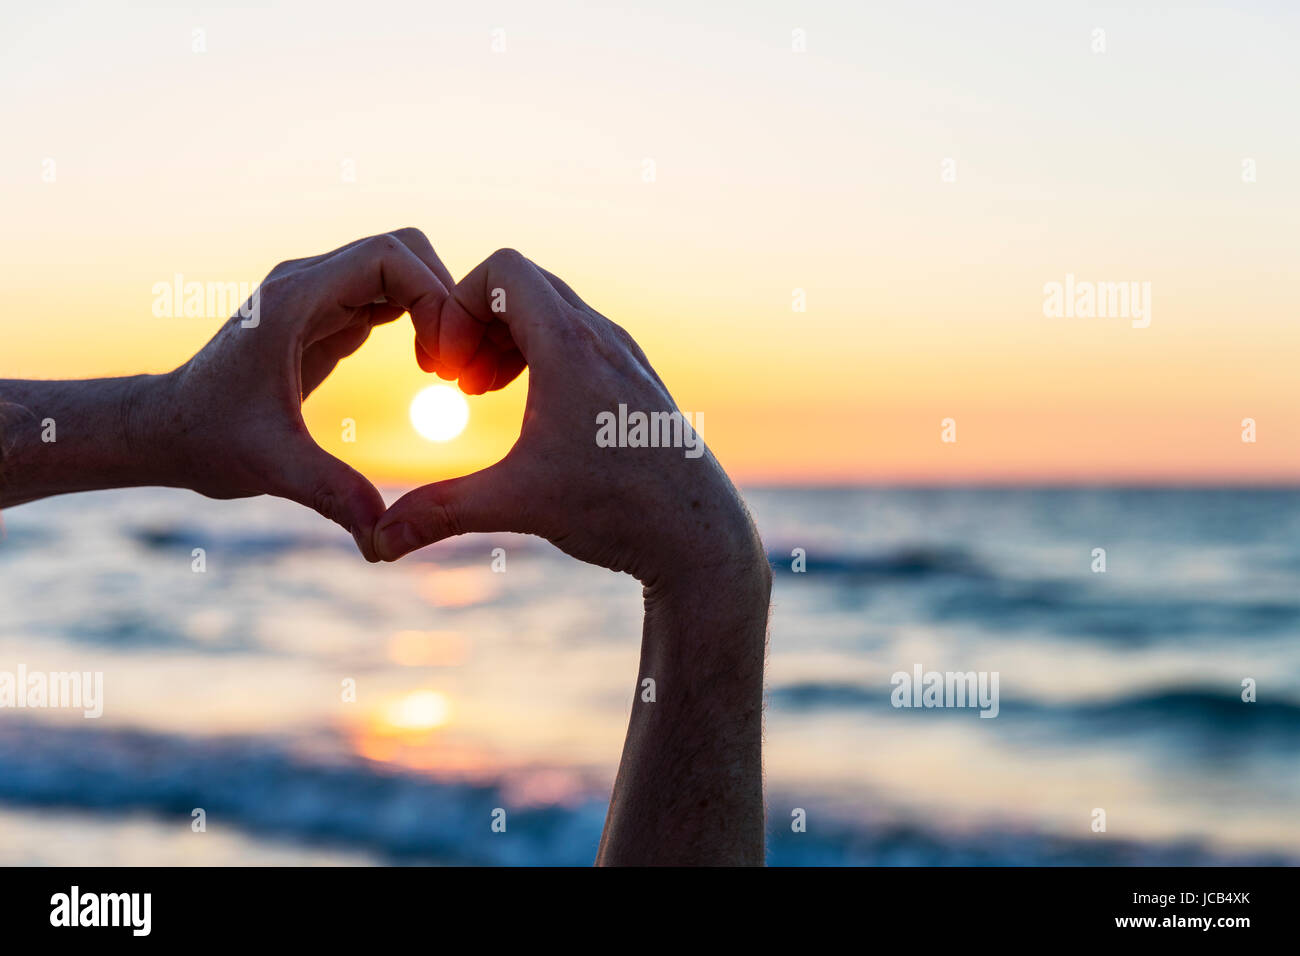 Rendendo le mani a forma di cuore nella parte anteriore del server Sun Immagini Stock